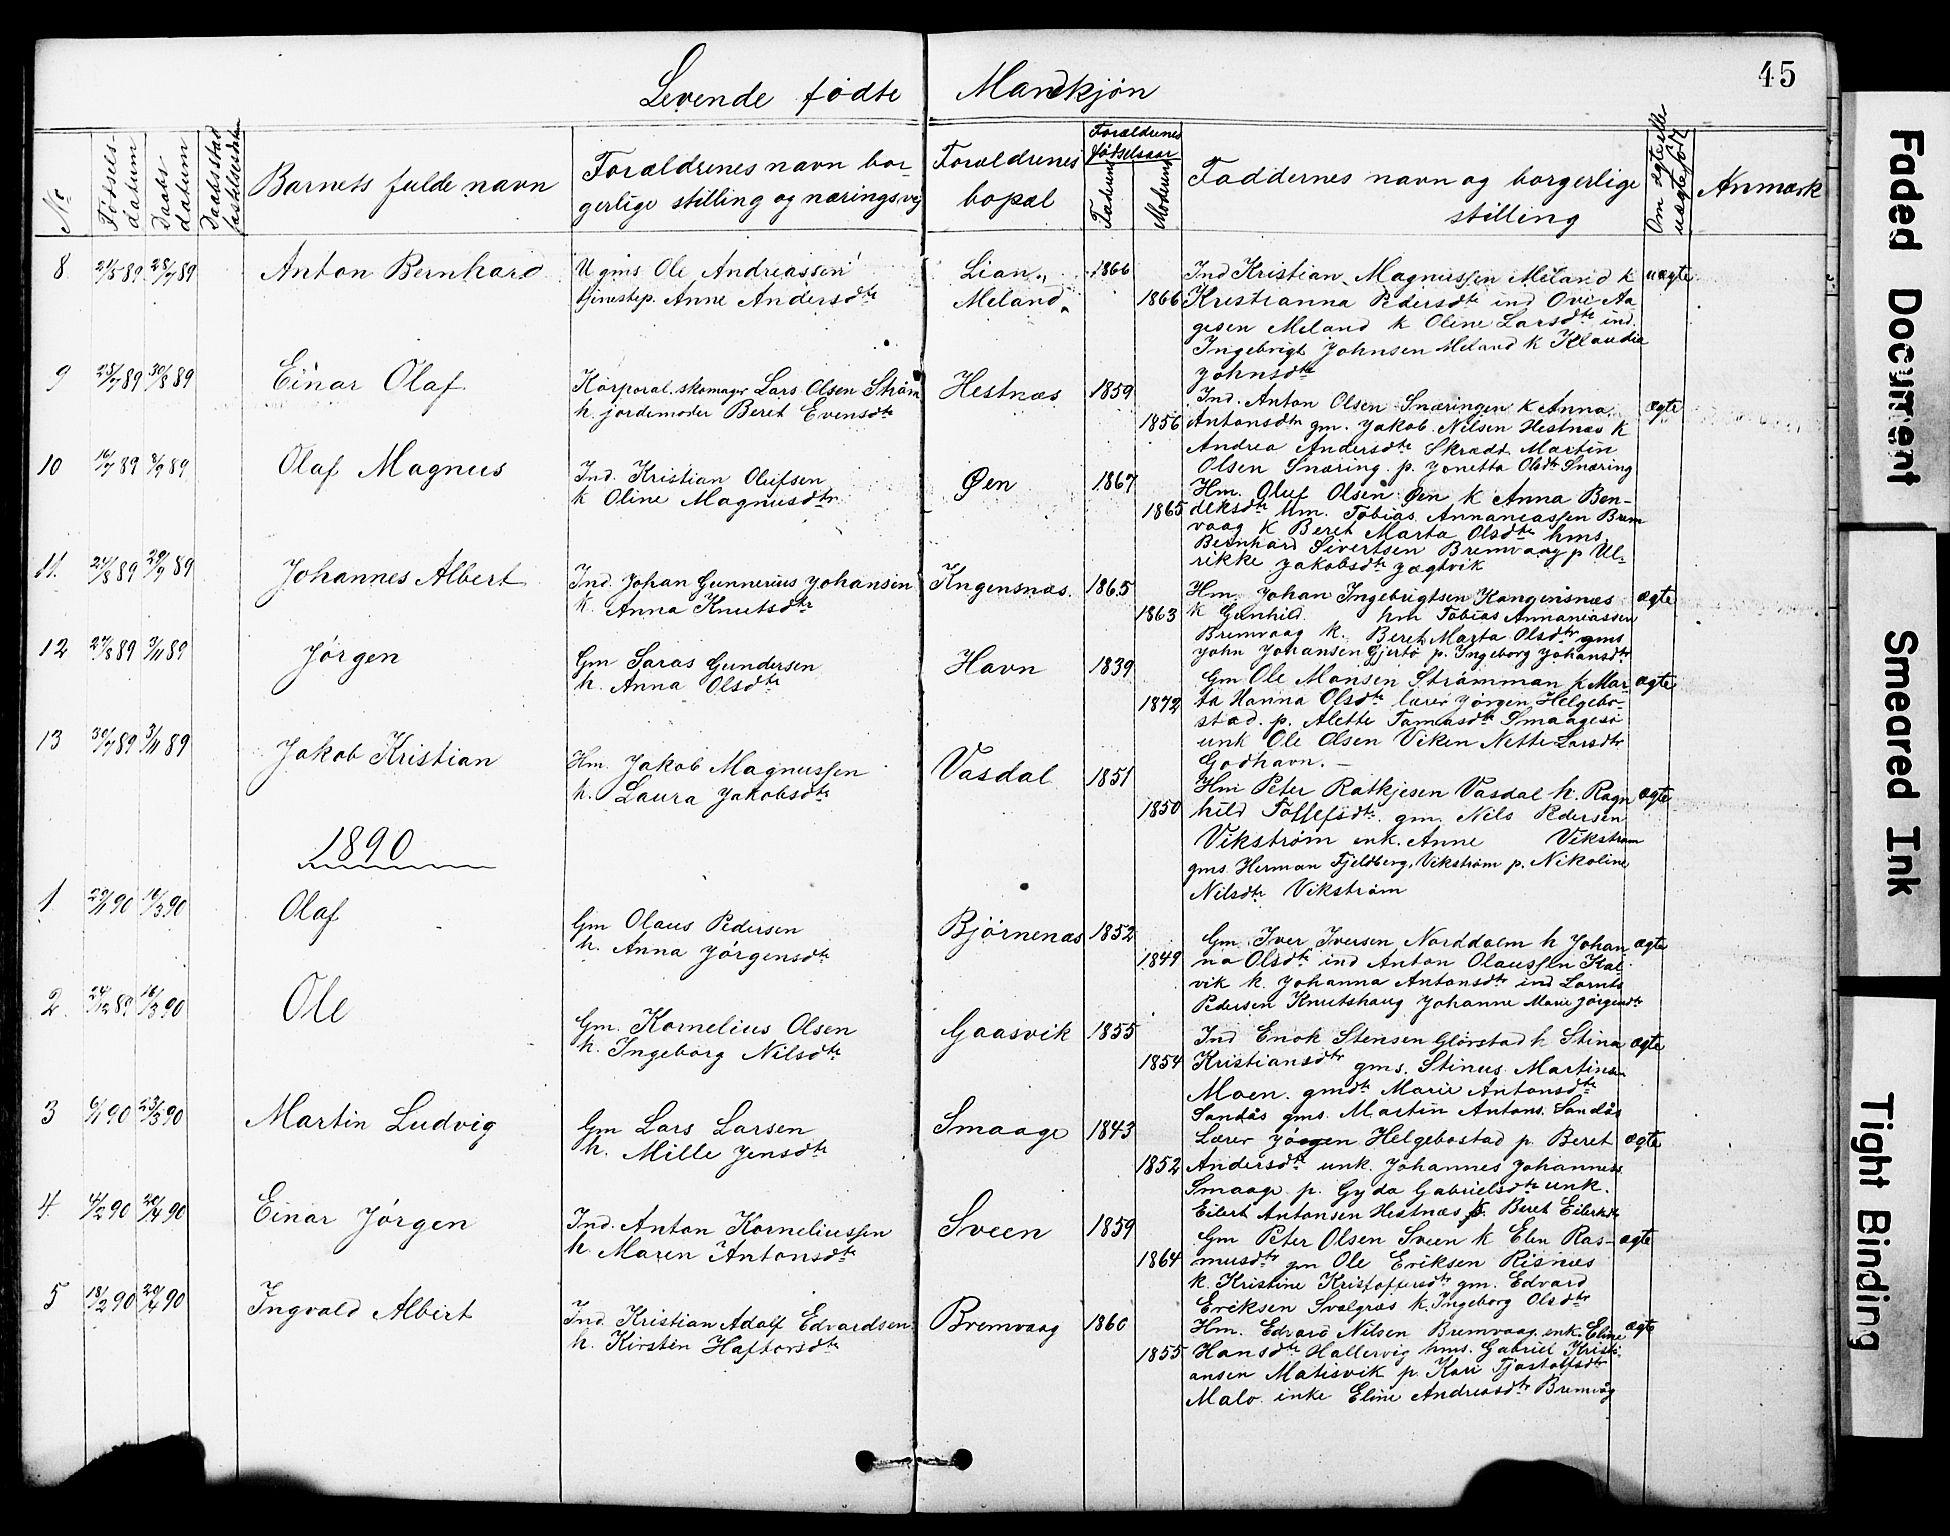 SAT, Ministerialprotokoller, klokkerbøker og fødselsregistre - Sør-Trøndelag, 634/L0541: Klokkerbok nr. 634C03, 1874-1891, s. 45